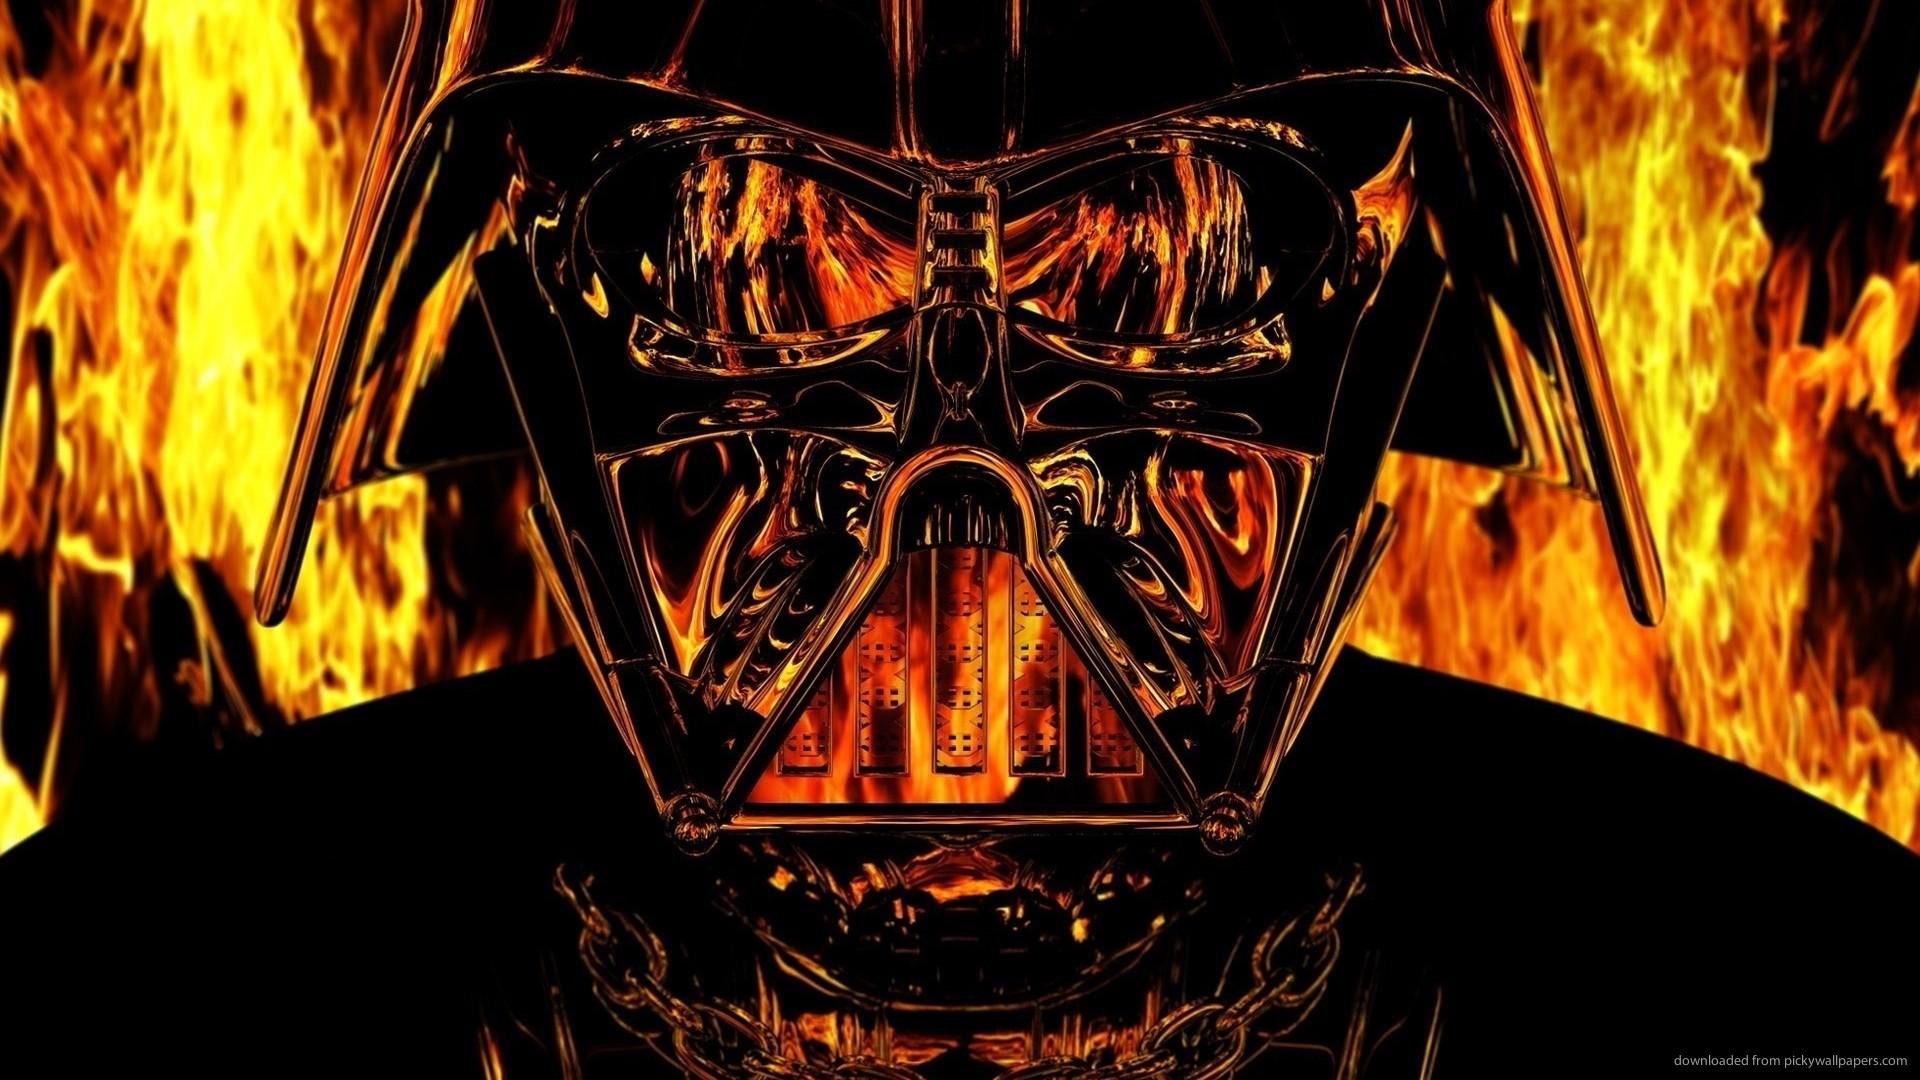 Darth Vader On Fire Wallpaper